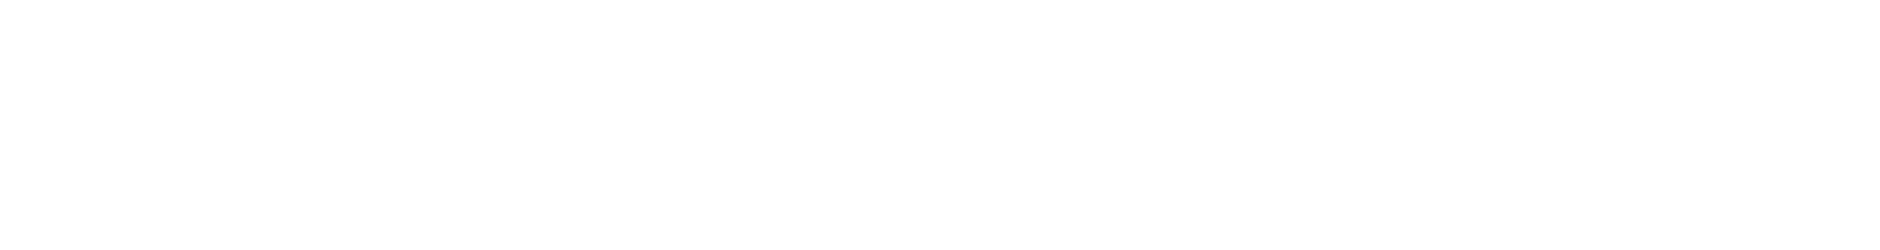 logo-bldwebagency-base-light